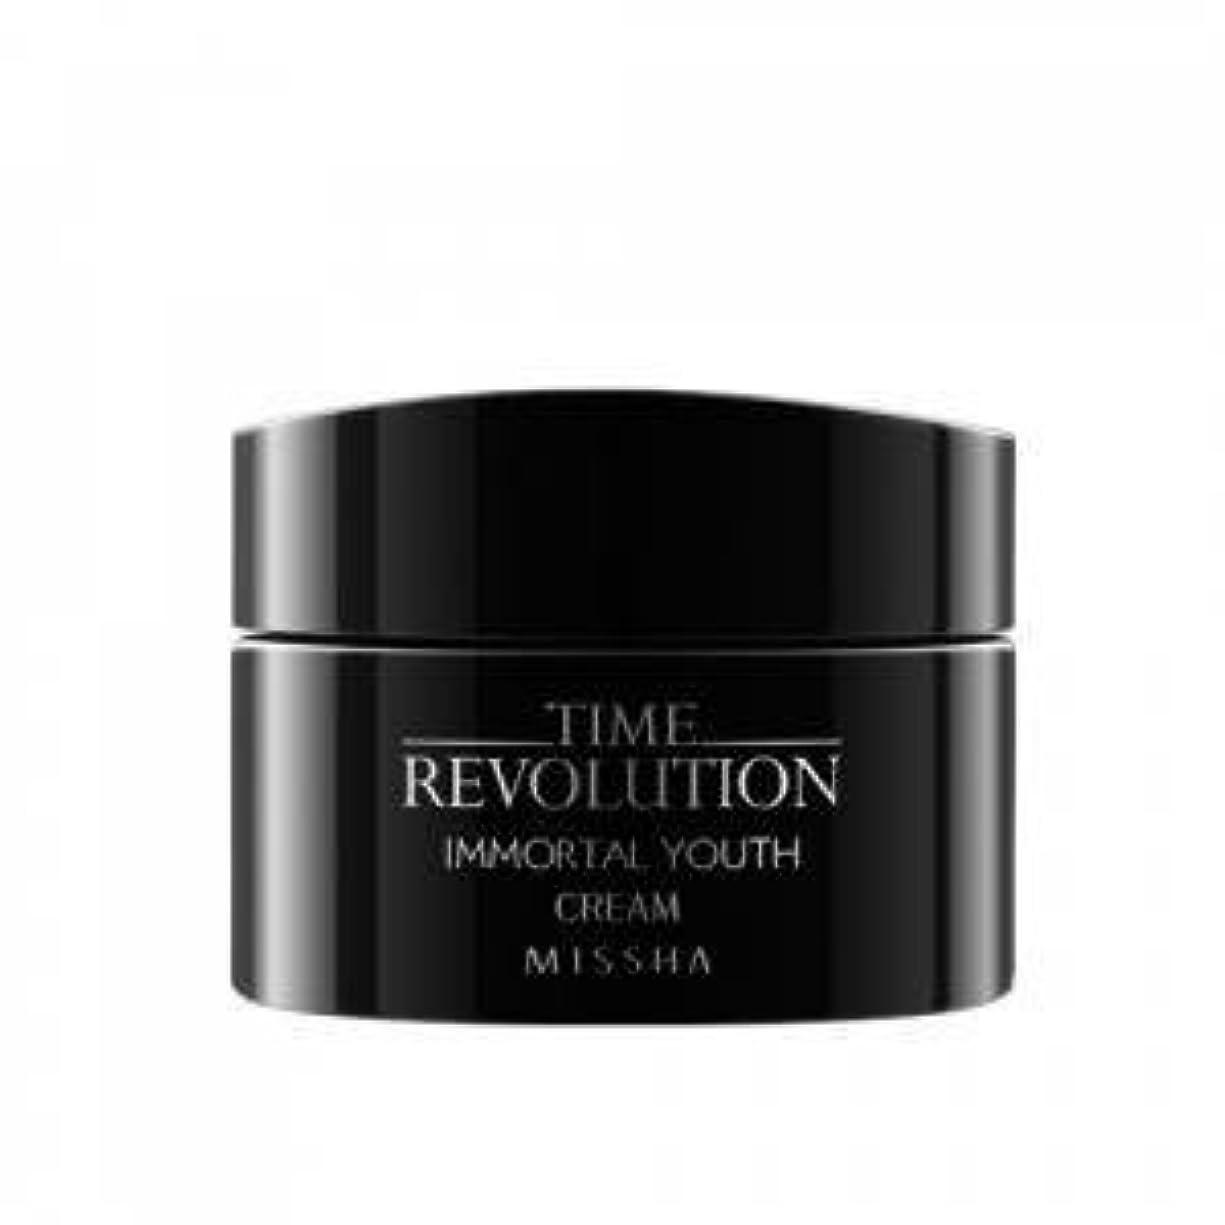 さらに引用増強【MISSHA (ミシャ)】 Time Revolution Immortal Youth Cream タイムレボリューション イモータルユース クリーム